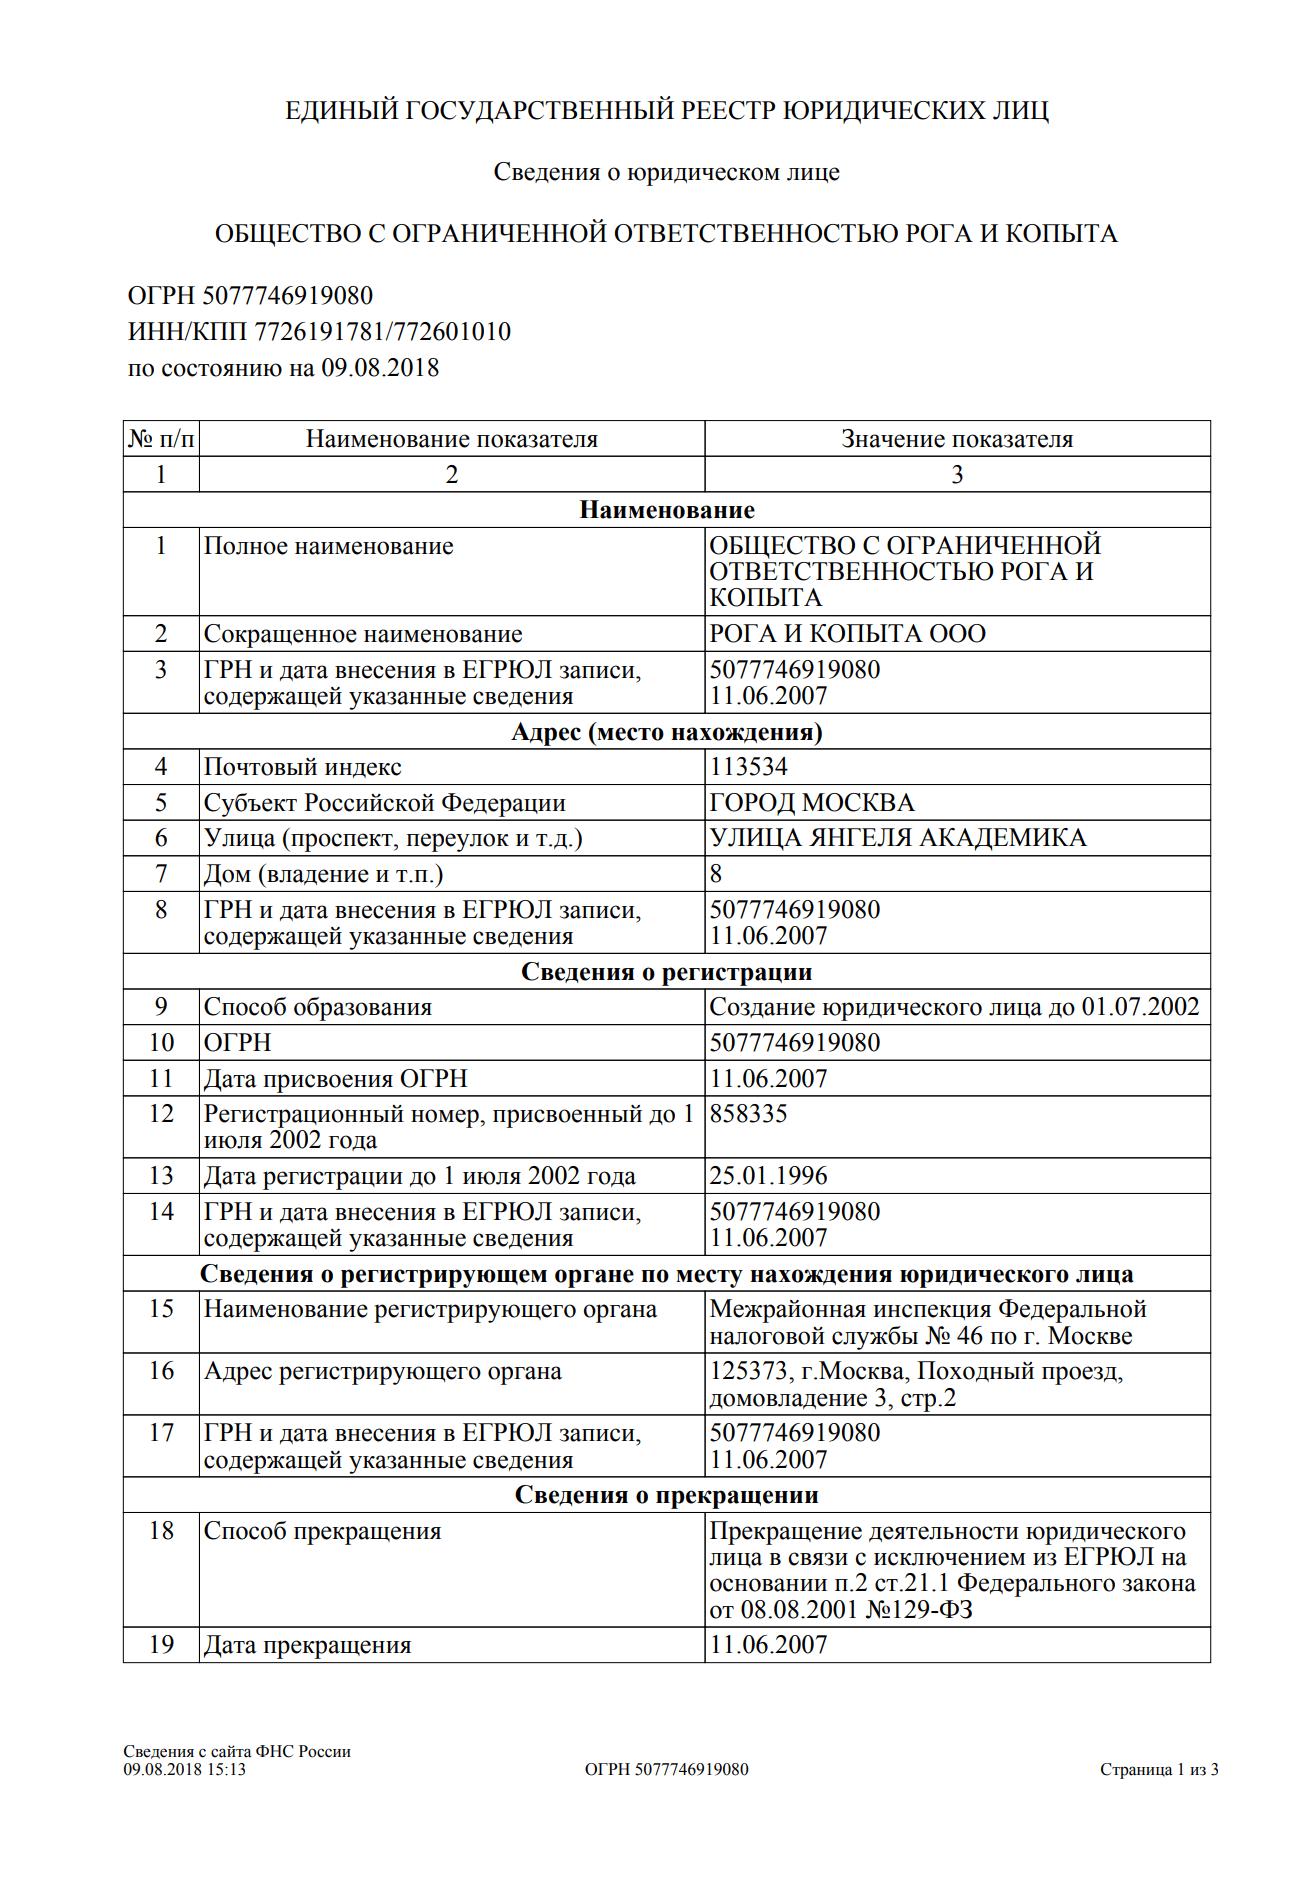 Выписка из ЕГРЮЛ в виде распечатки с сайта налоговой